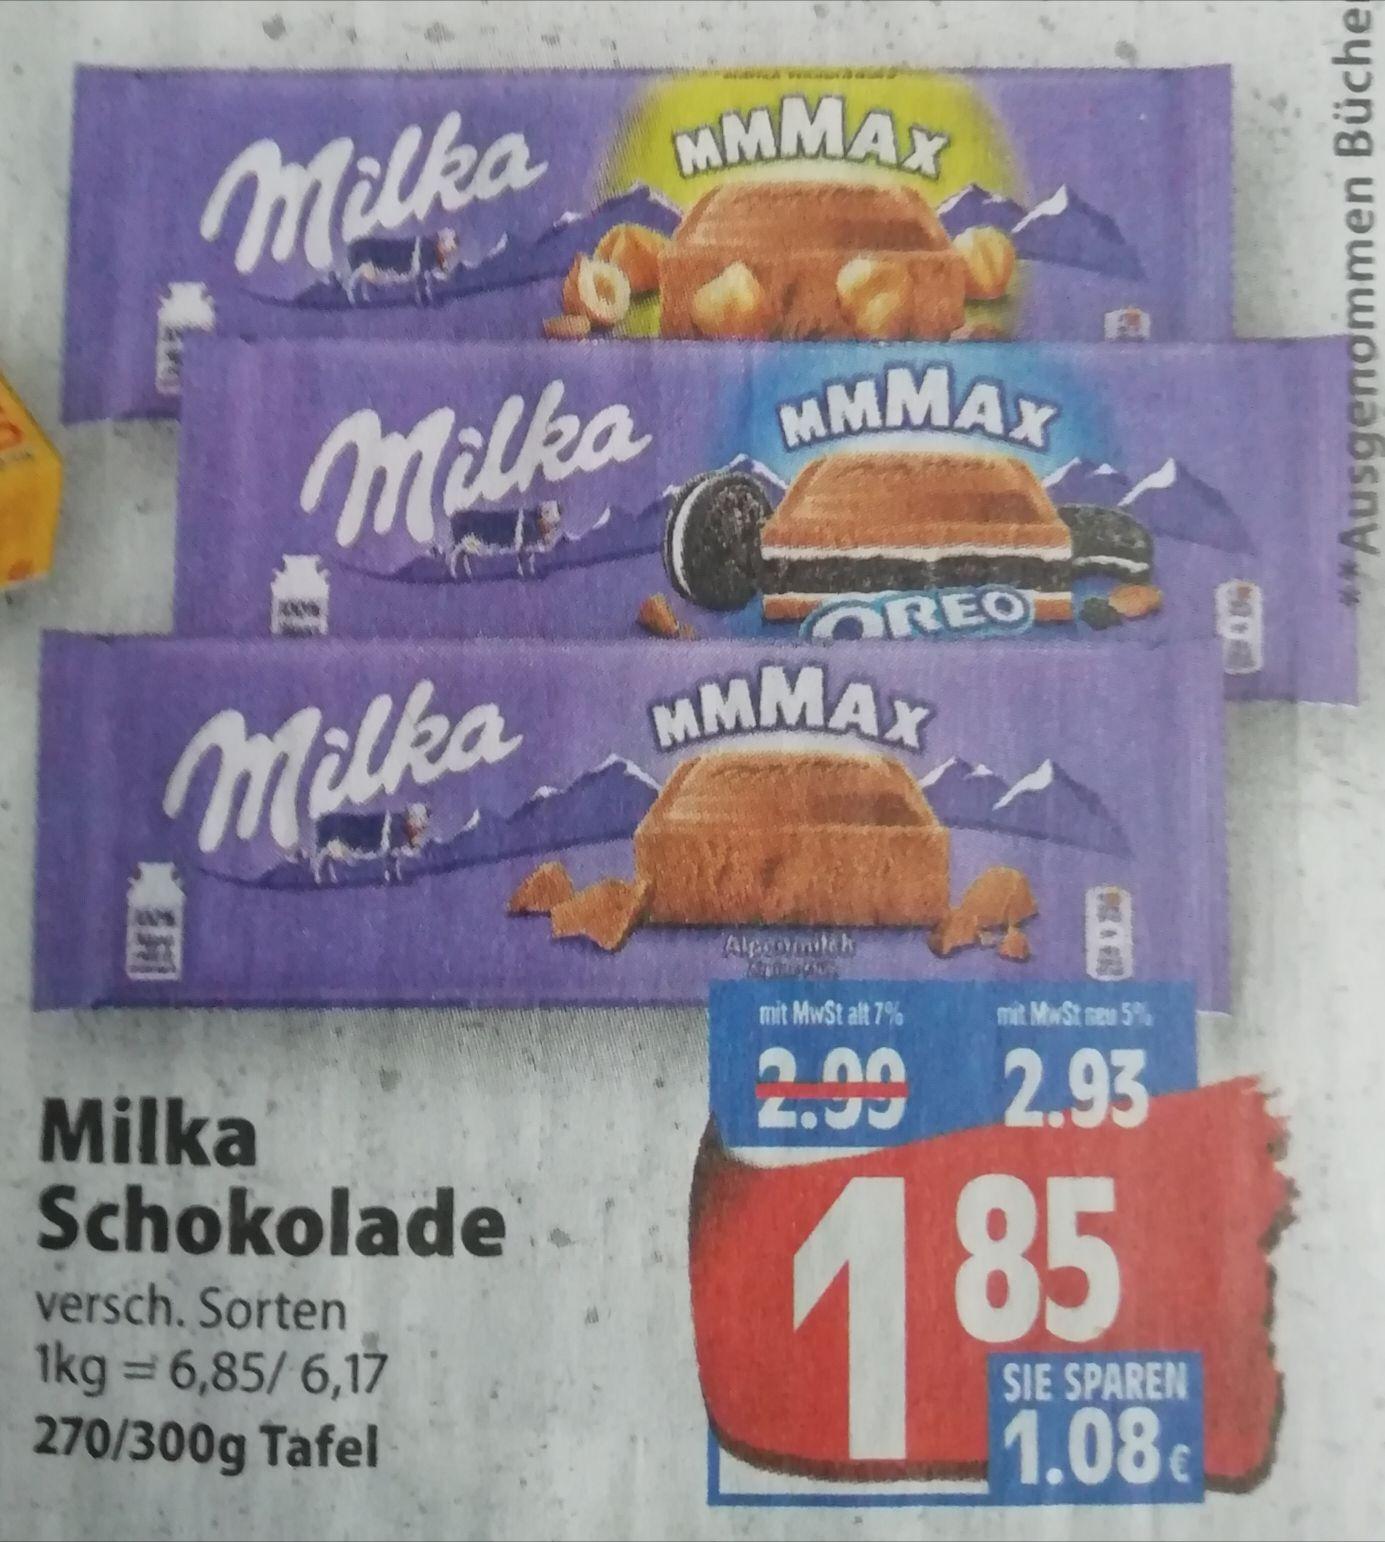 [Edeka Minden-Hannover] 3x Milka Schokolade 270g/300g mit Coupon für 4,55€